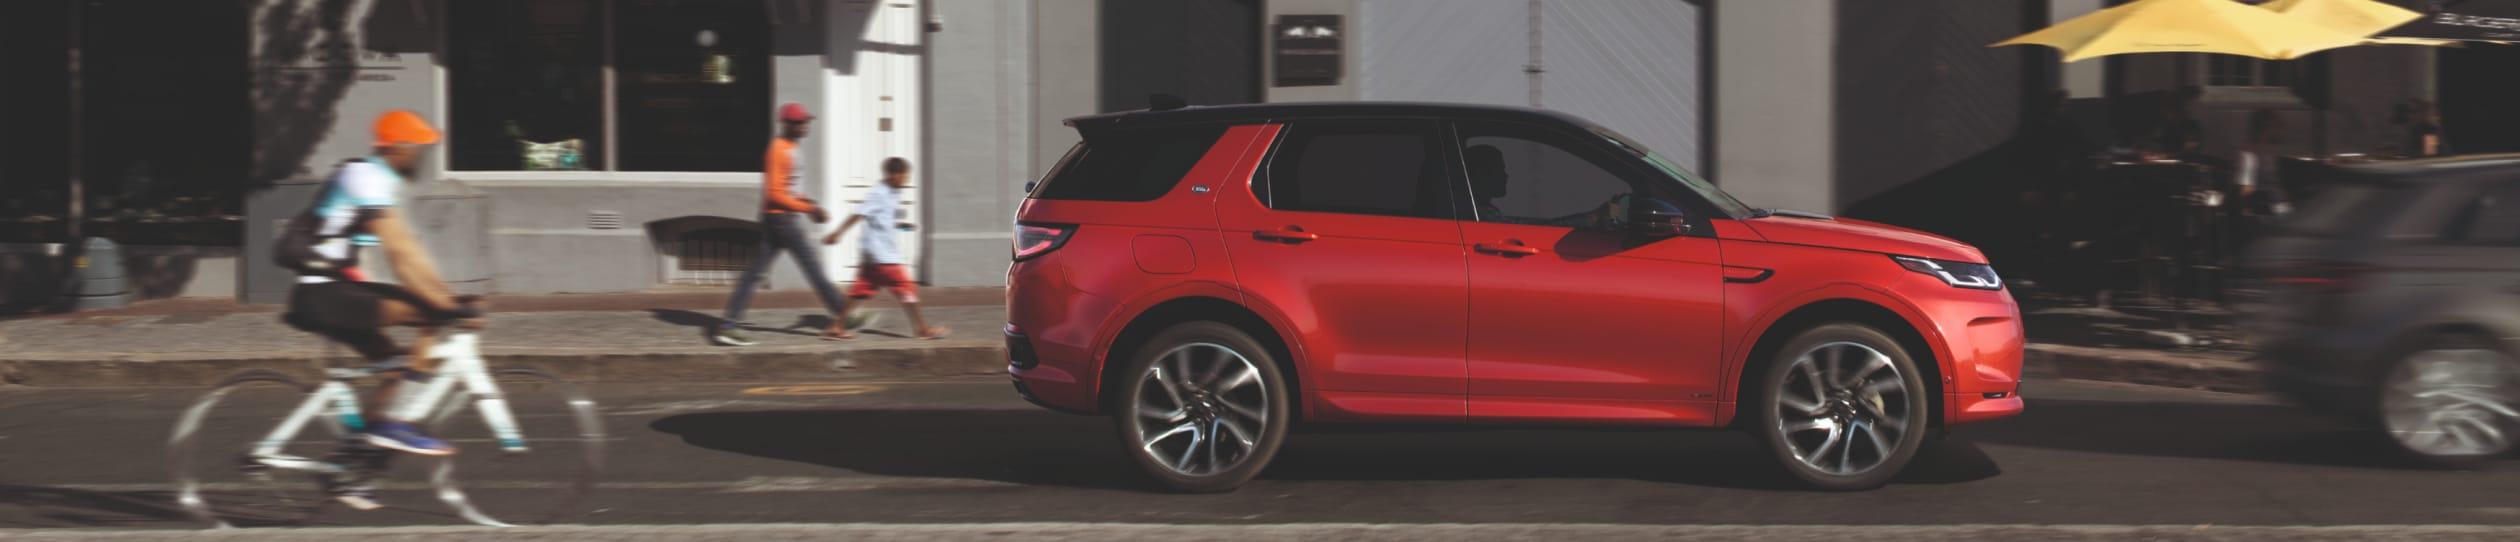 Ein rotes Auto auf einer Straße